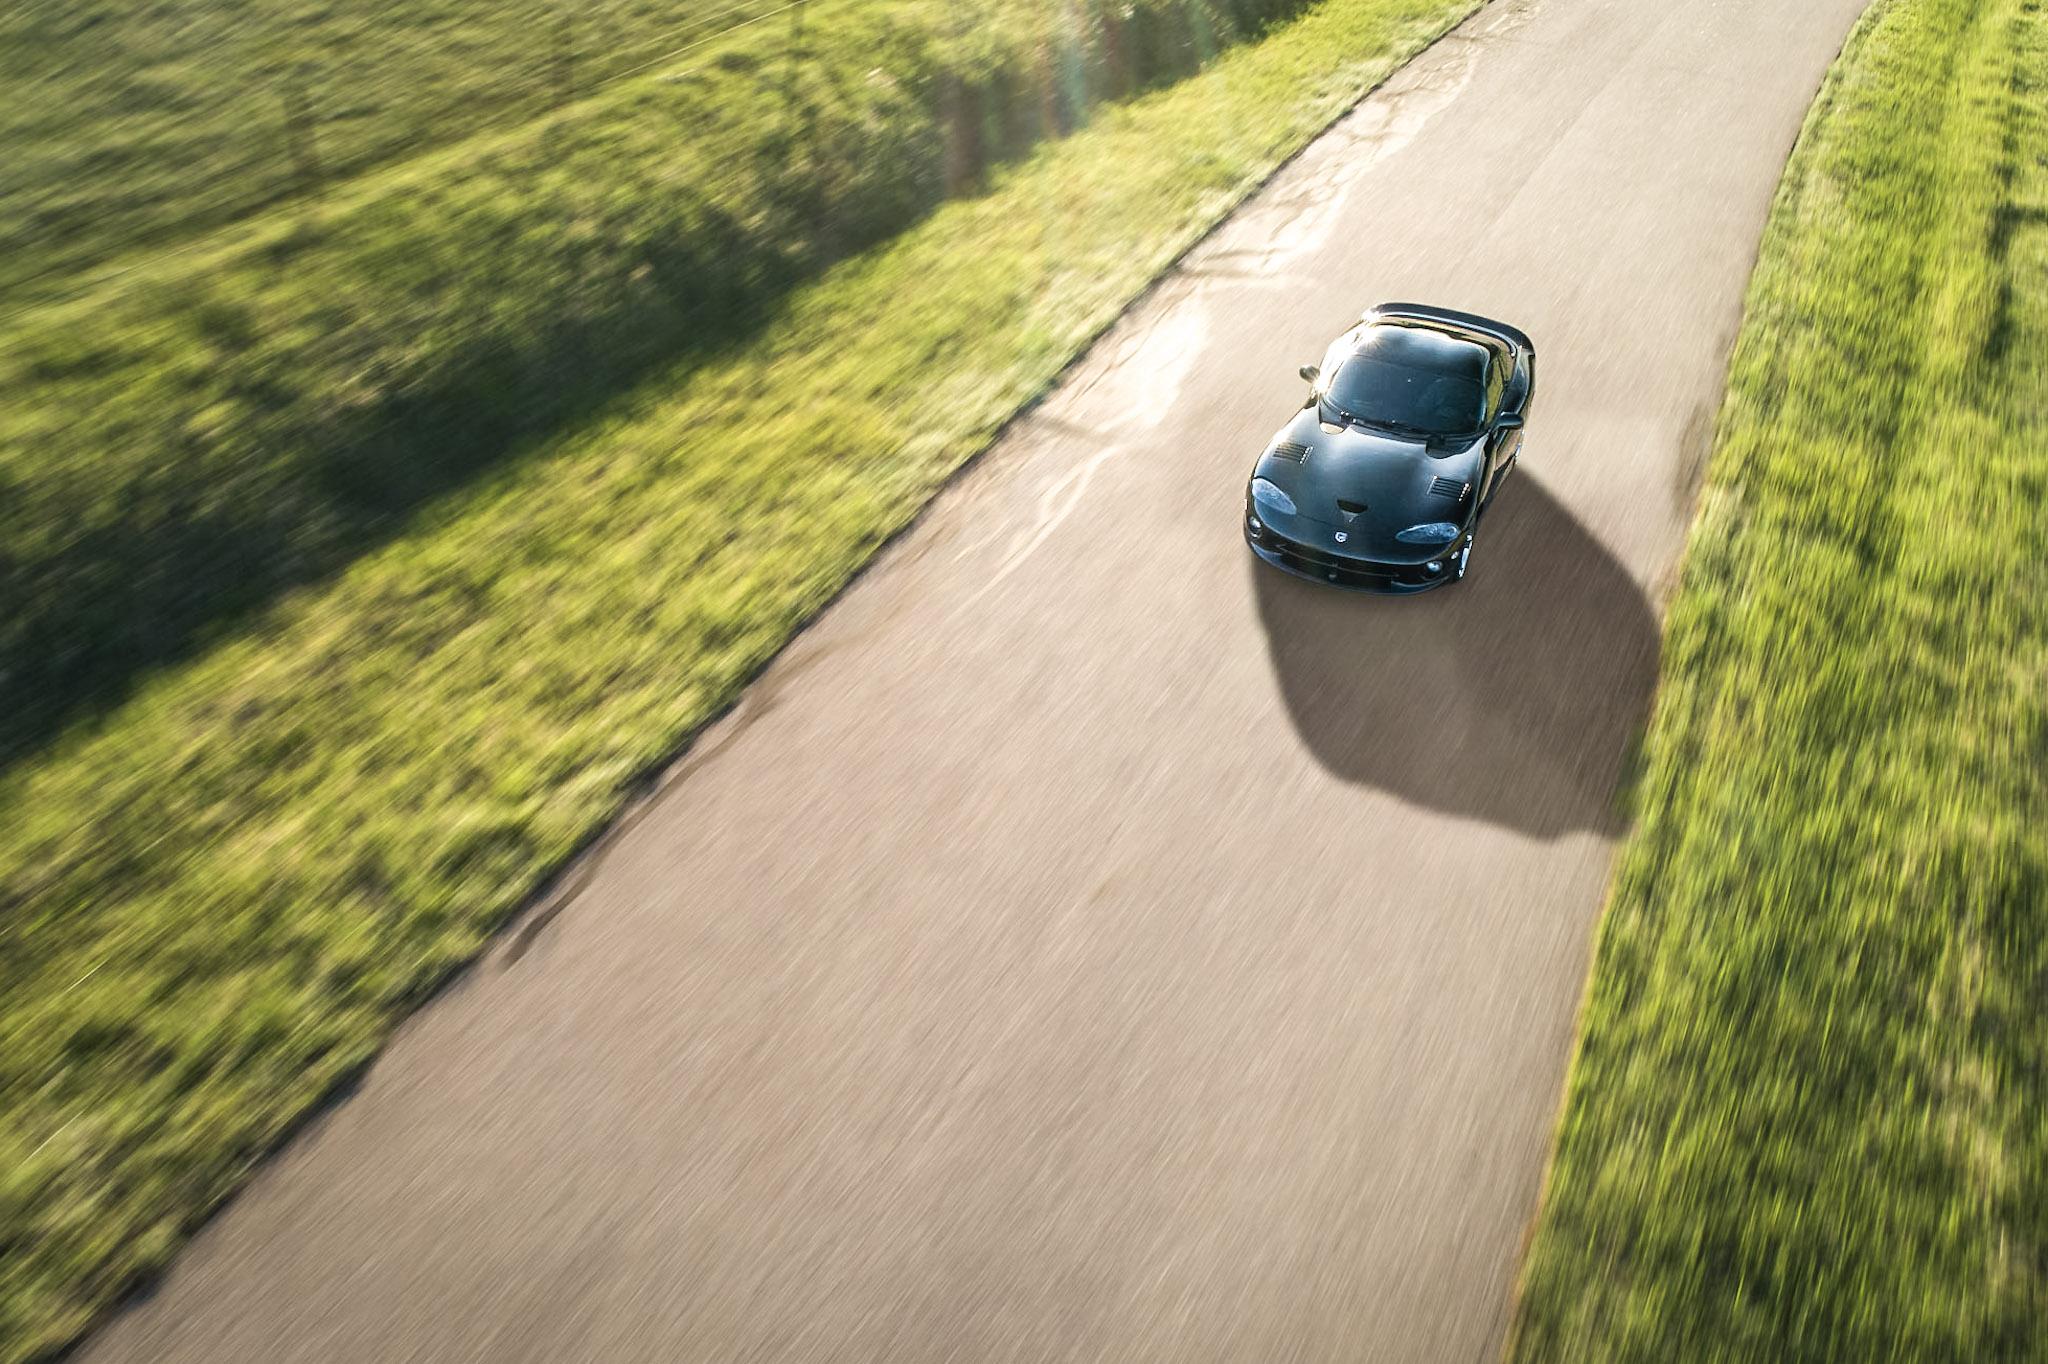 viper-gts-aerial-4-car-photography-brian-laiche.jpg